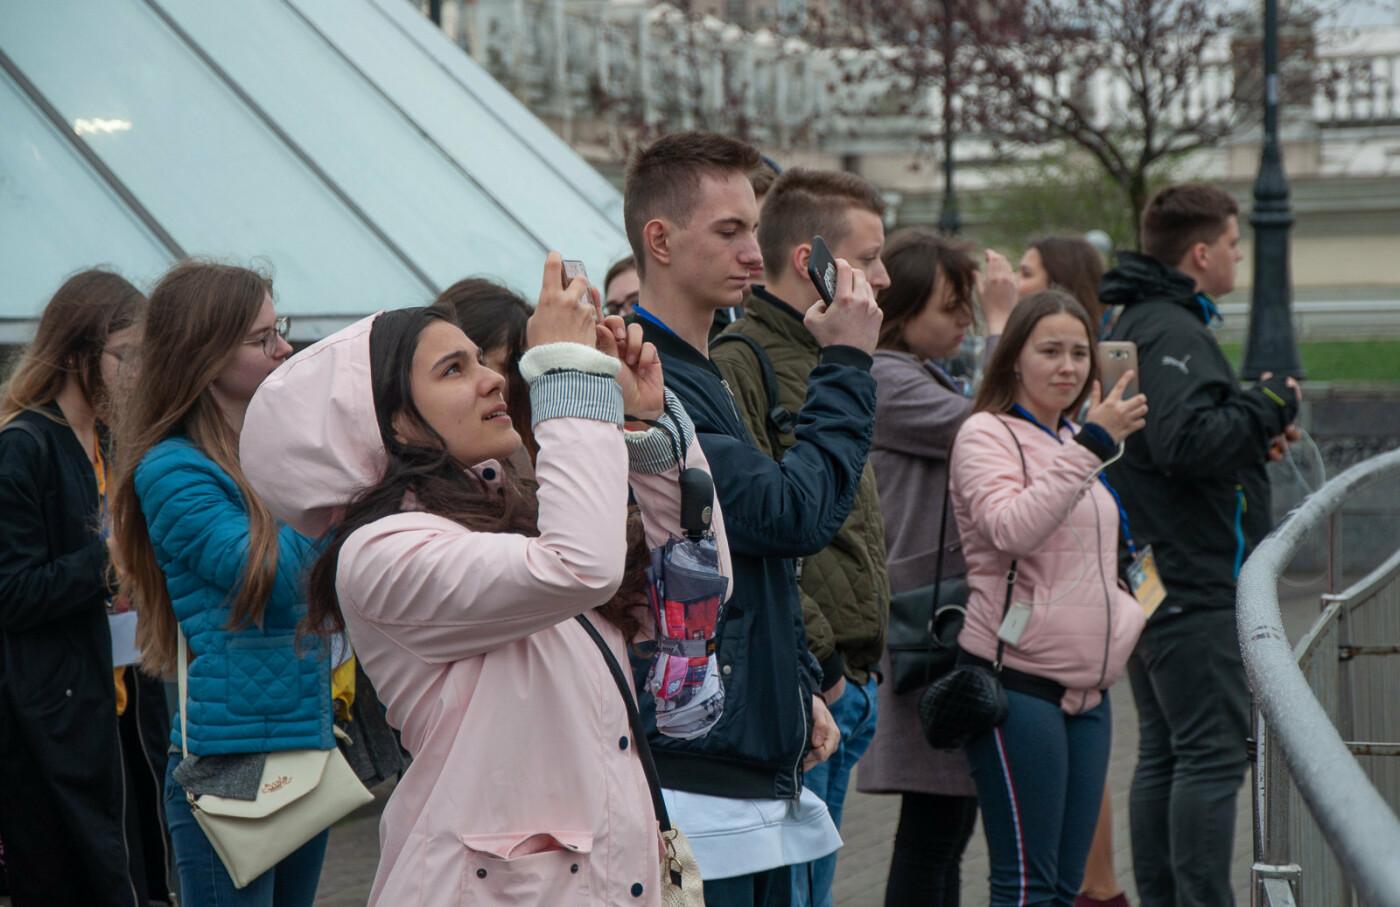 Подорож до парламенту: 20 закарпатських школярів виграли поїздку на освітню екскурсію до Верховної Ради (ВІДЕО), фото-9